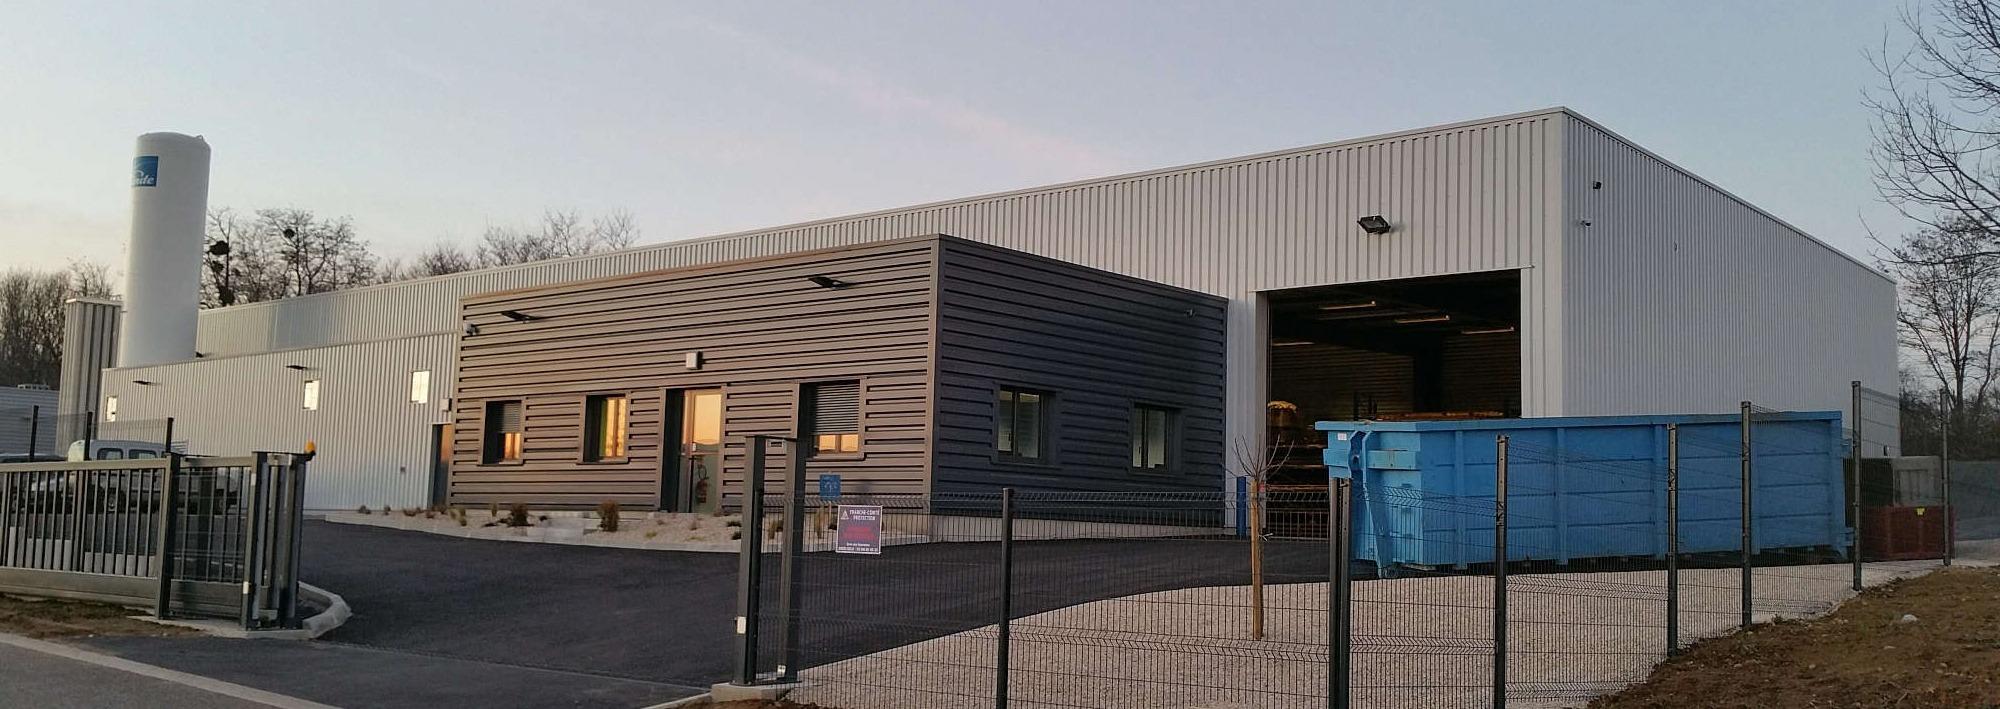 SCI-ZITZER-Ranchot-39-Construction-Batiment-industriel-bureaux-atelier